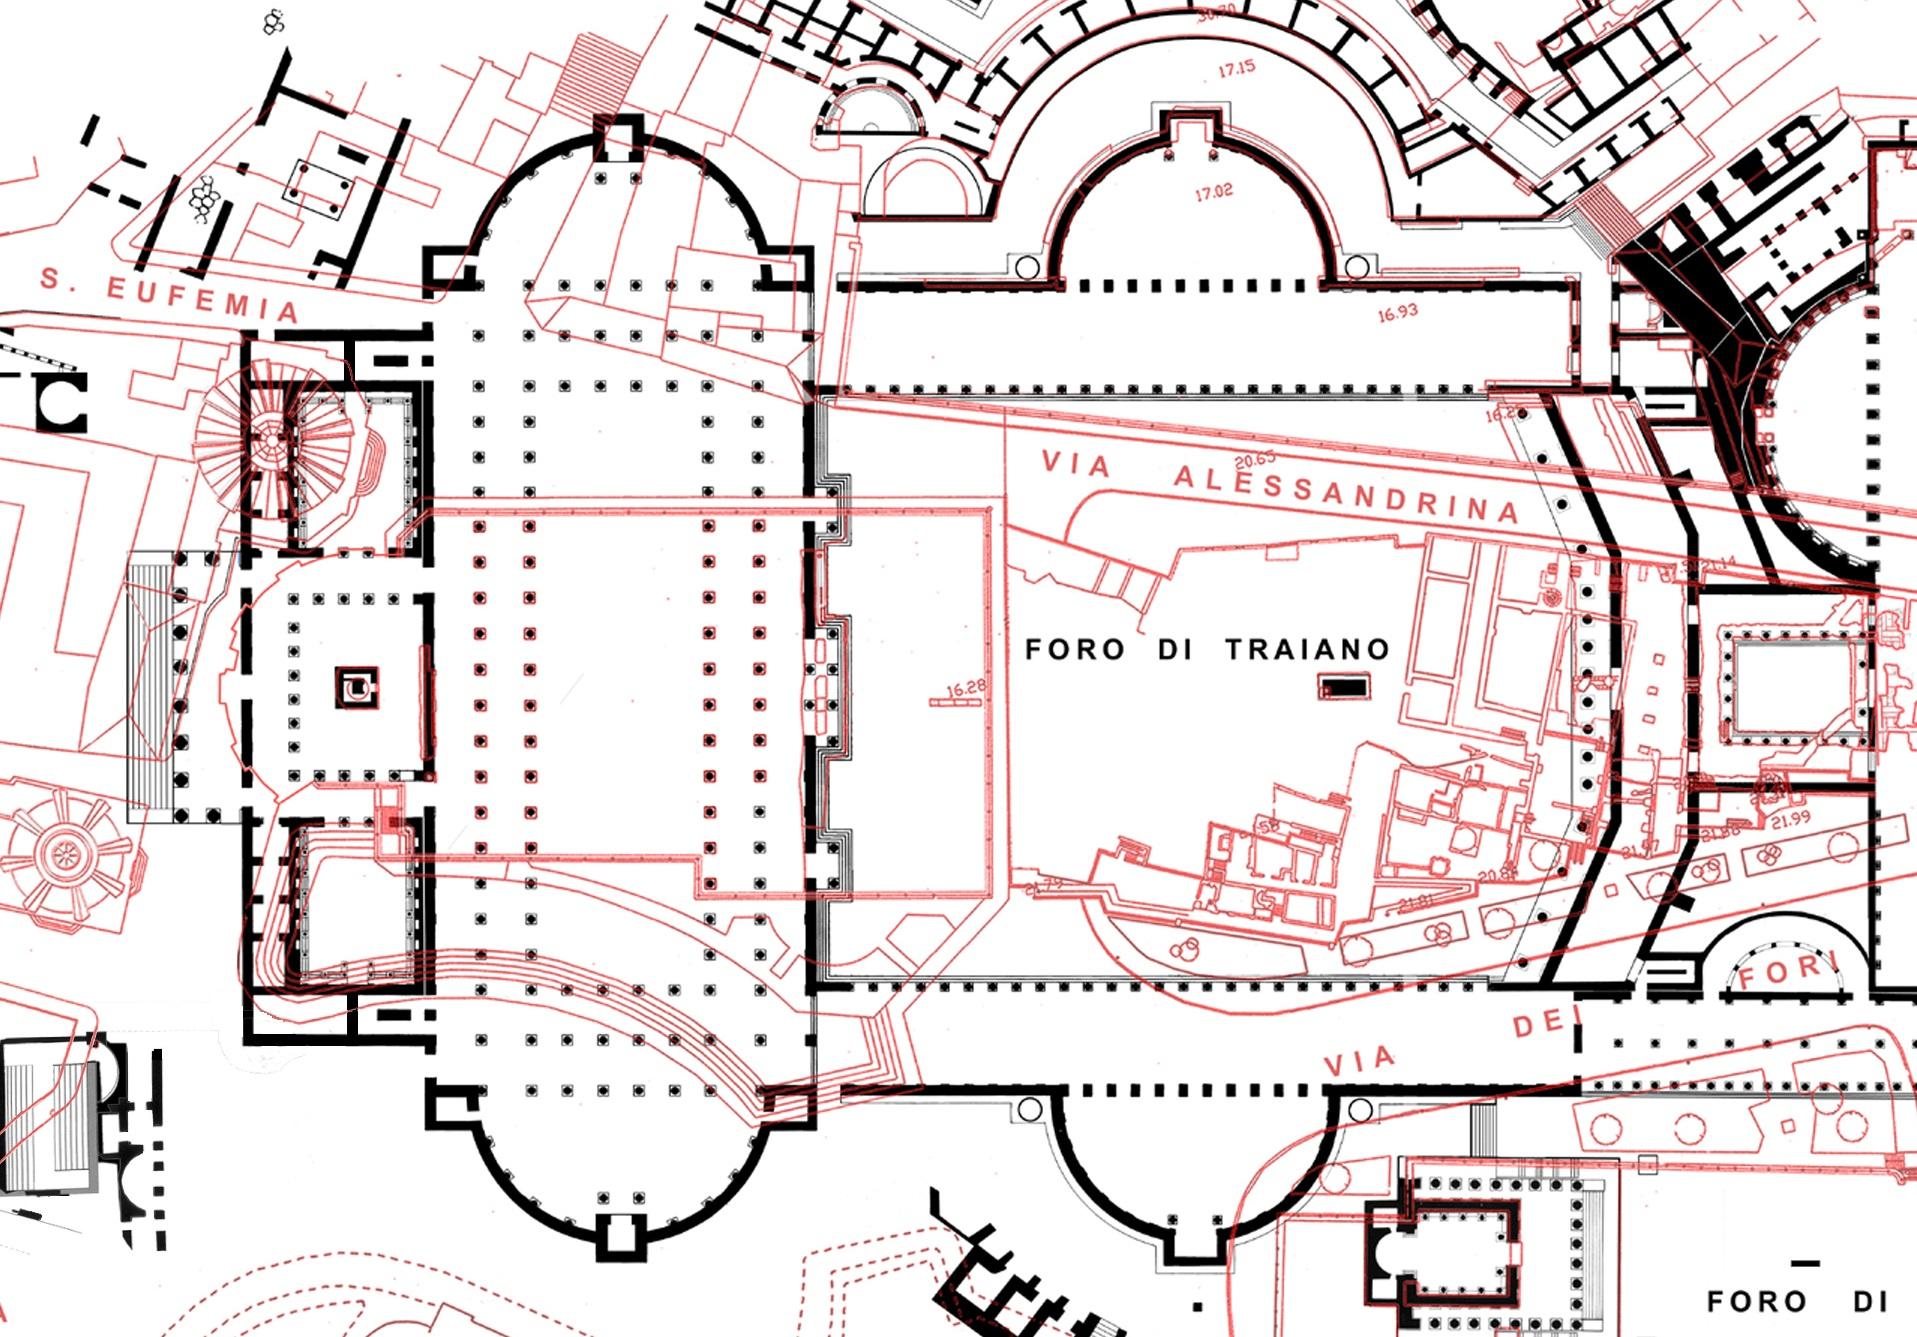 Pianta del Foro di Traiano. In nero: le strutture antiche. In rosso: le strutture e la viabilità moderne